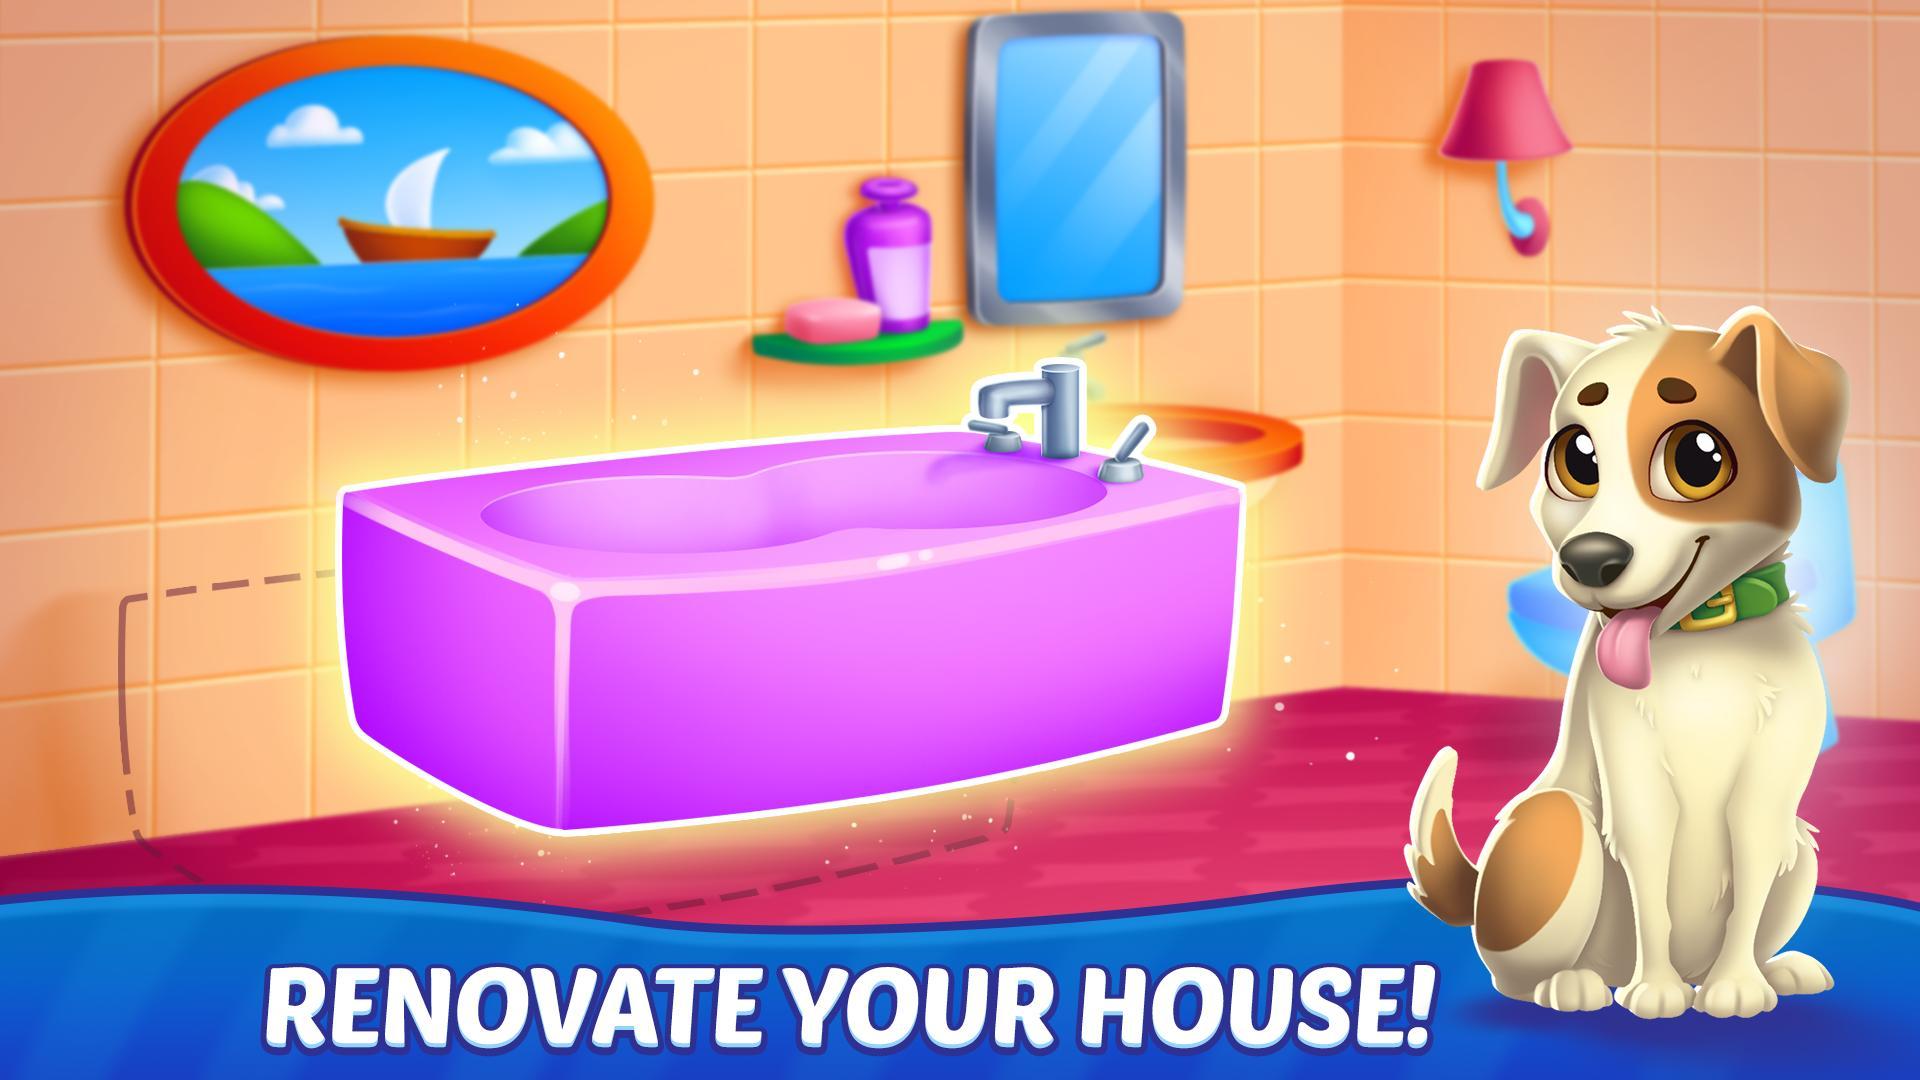 Giochi Di Interior Design E Decorazioni Per Casa For Android Apk Download